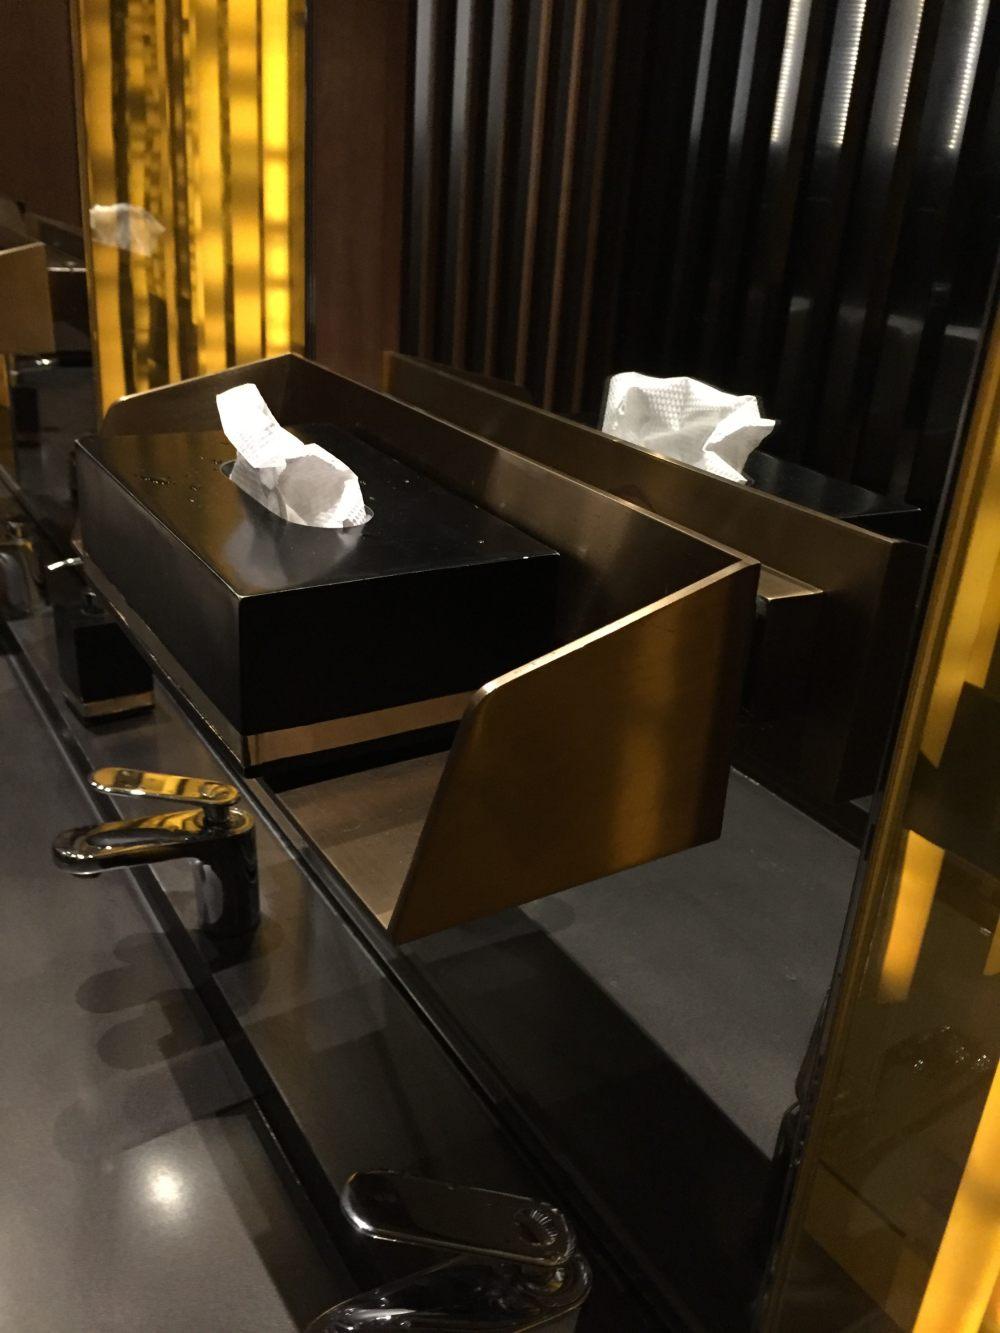 上海外滩W酒店,史上最全入住体验 自拍分享,申请置...._IMG_5983.JPG